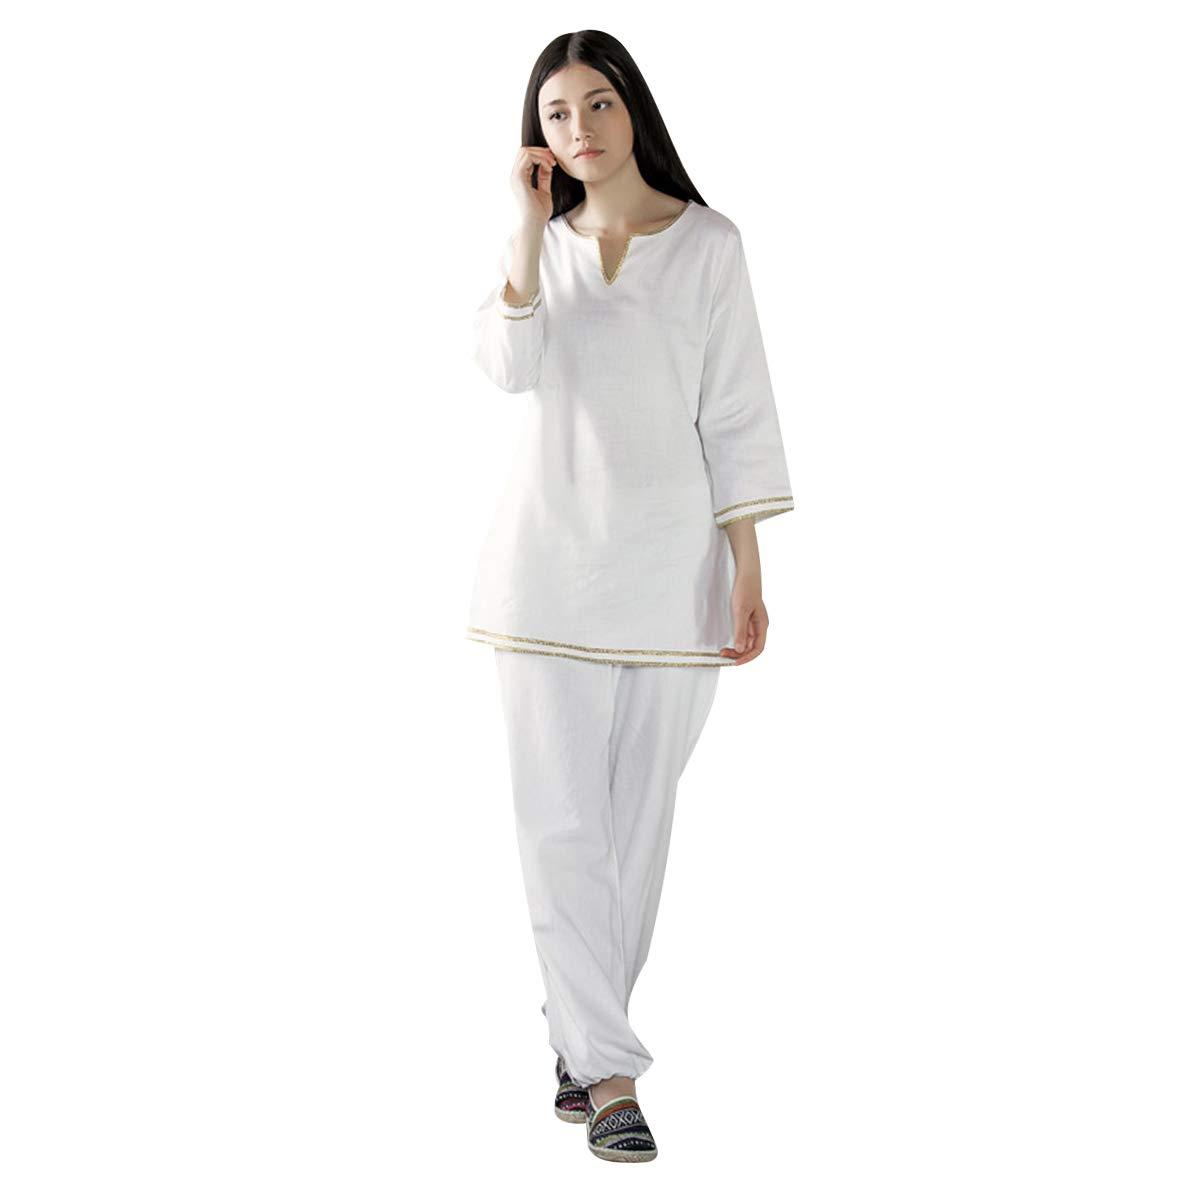 Amazon.com: KSUA Zen - Traje de meditación para mujer ...